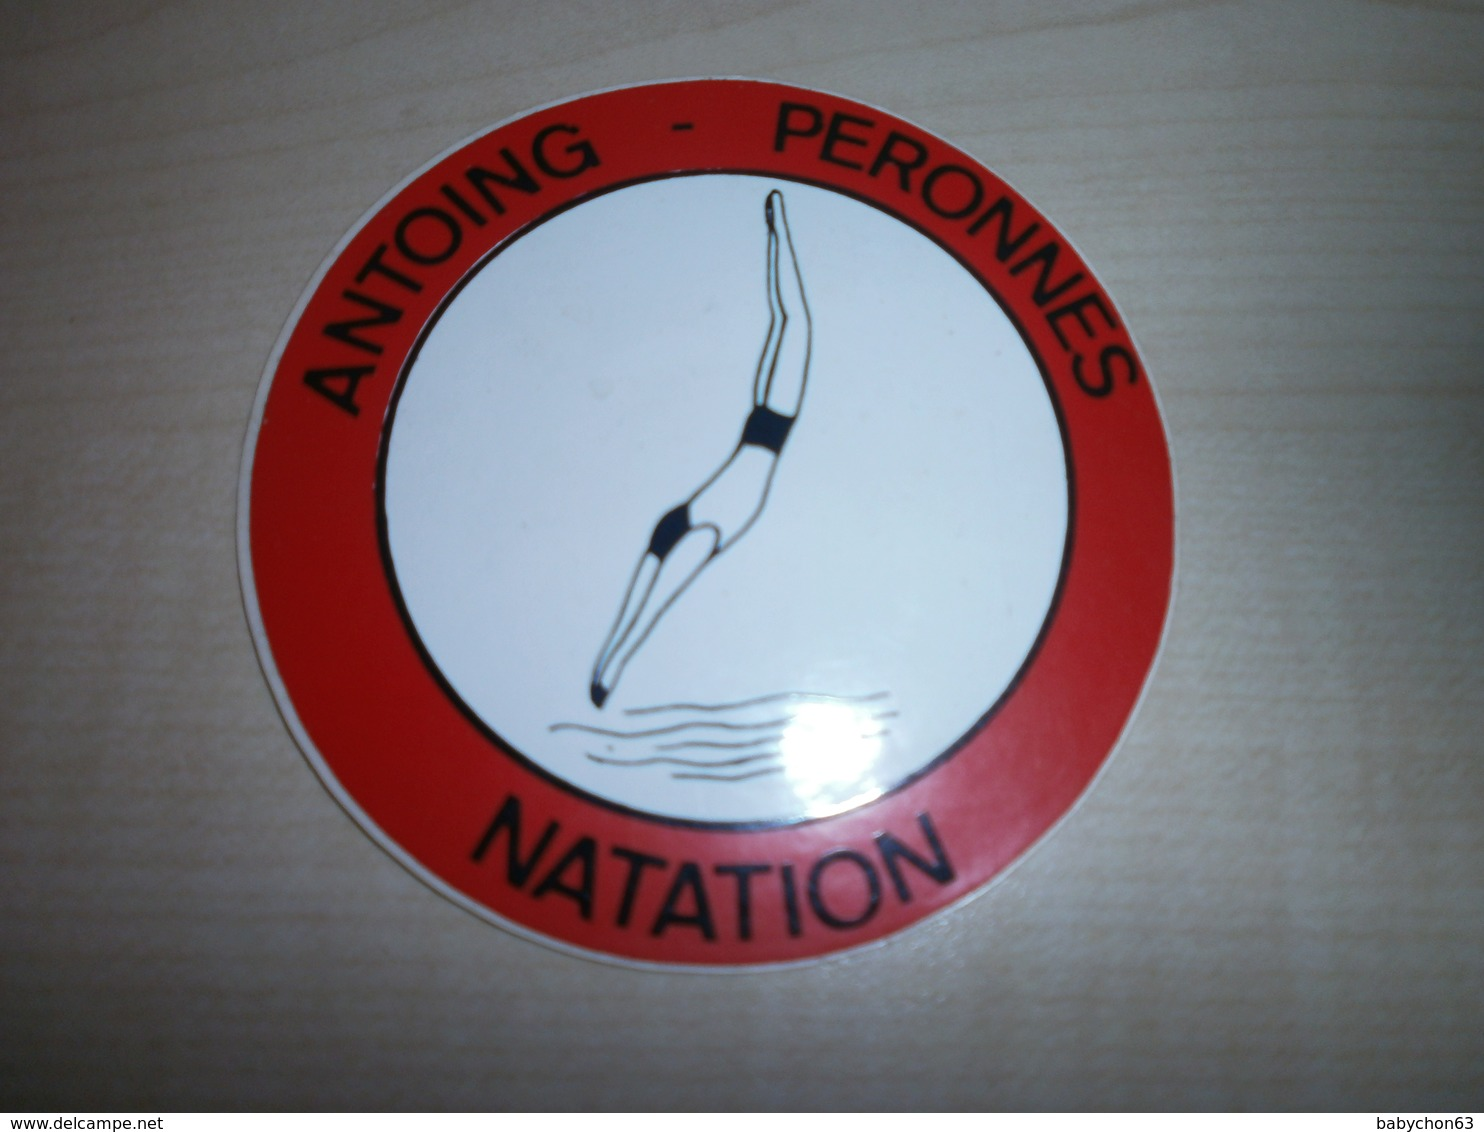 Autocollant Ancien ANTOING-PERONNES   NATATION - Vignettes Autocollantes